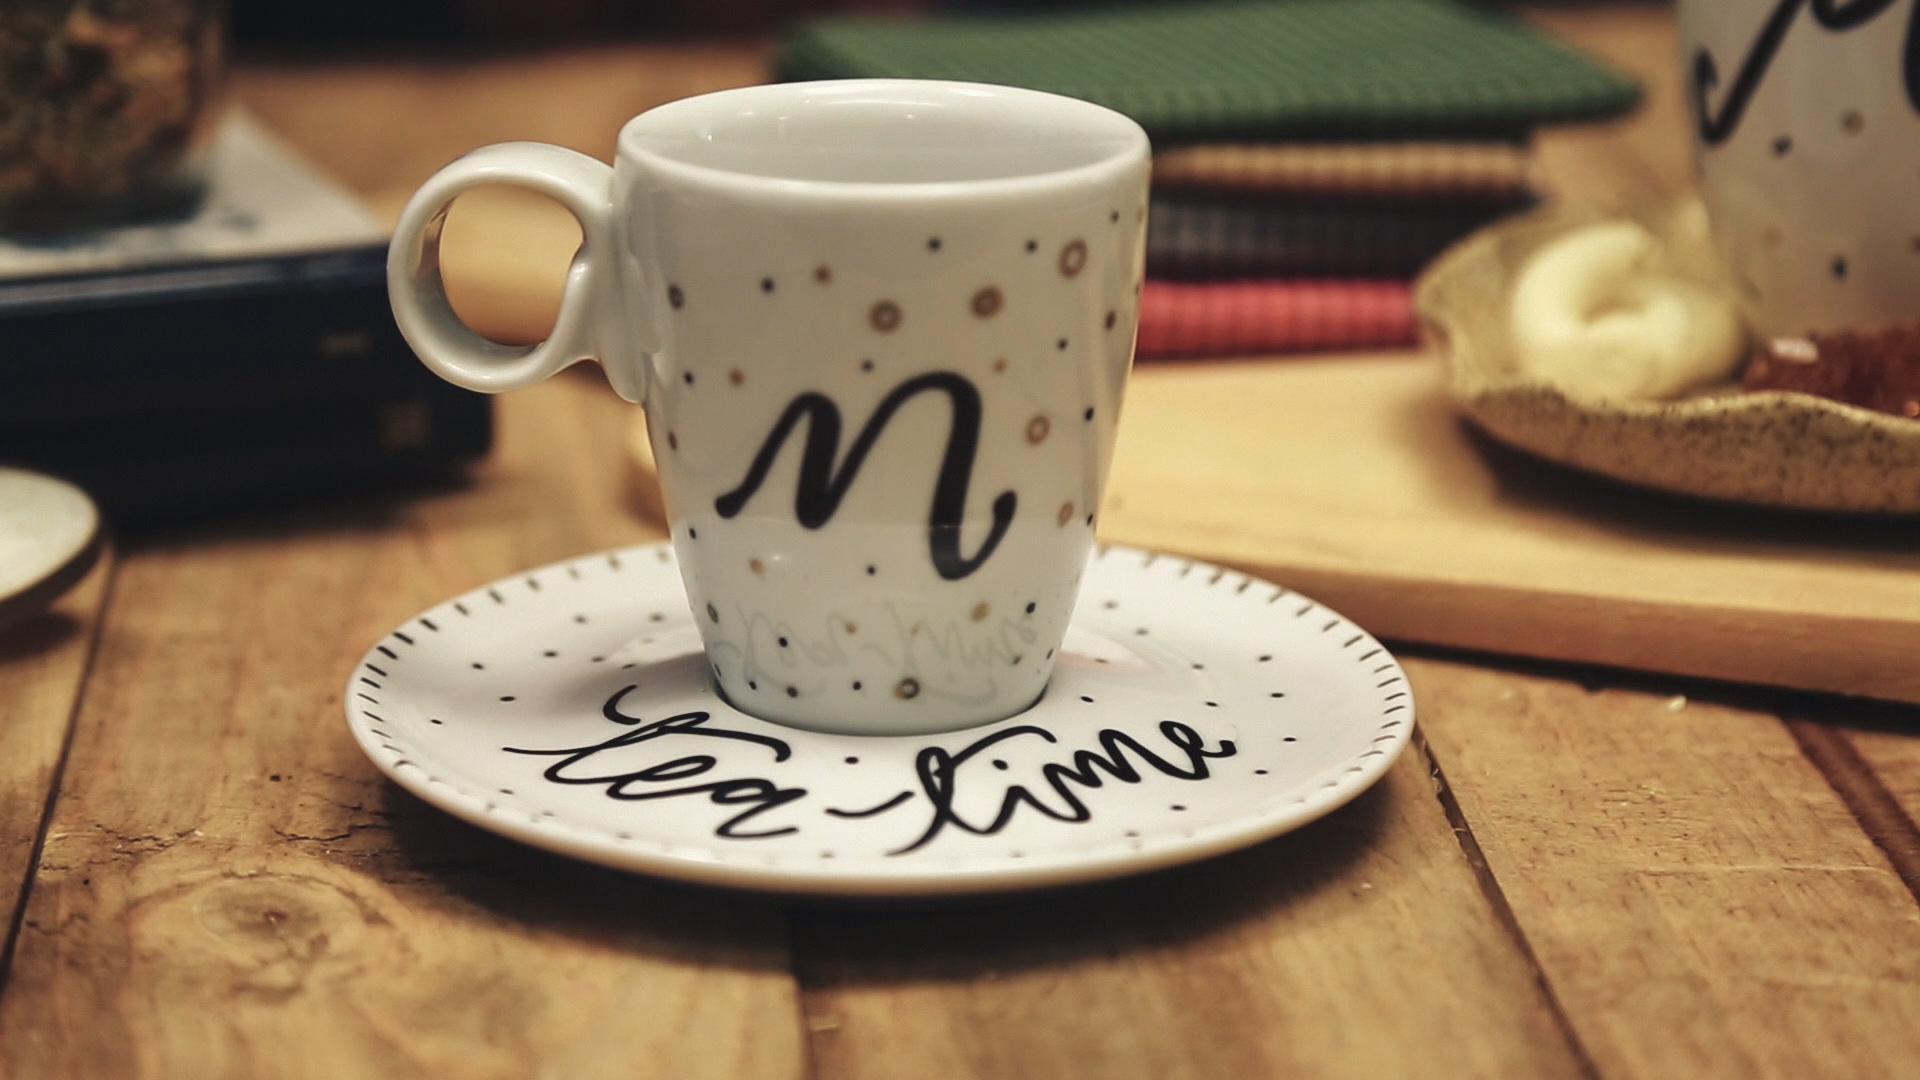 Fertig ist Ihr persönliches Tee Set! Sieht das nicht toll aus?